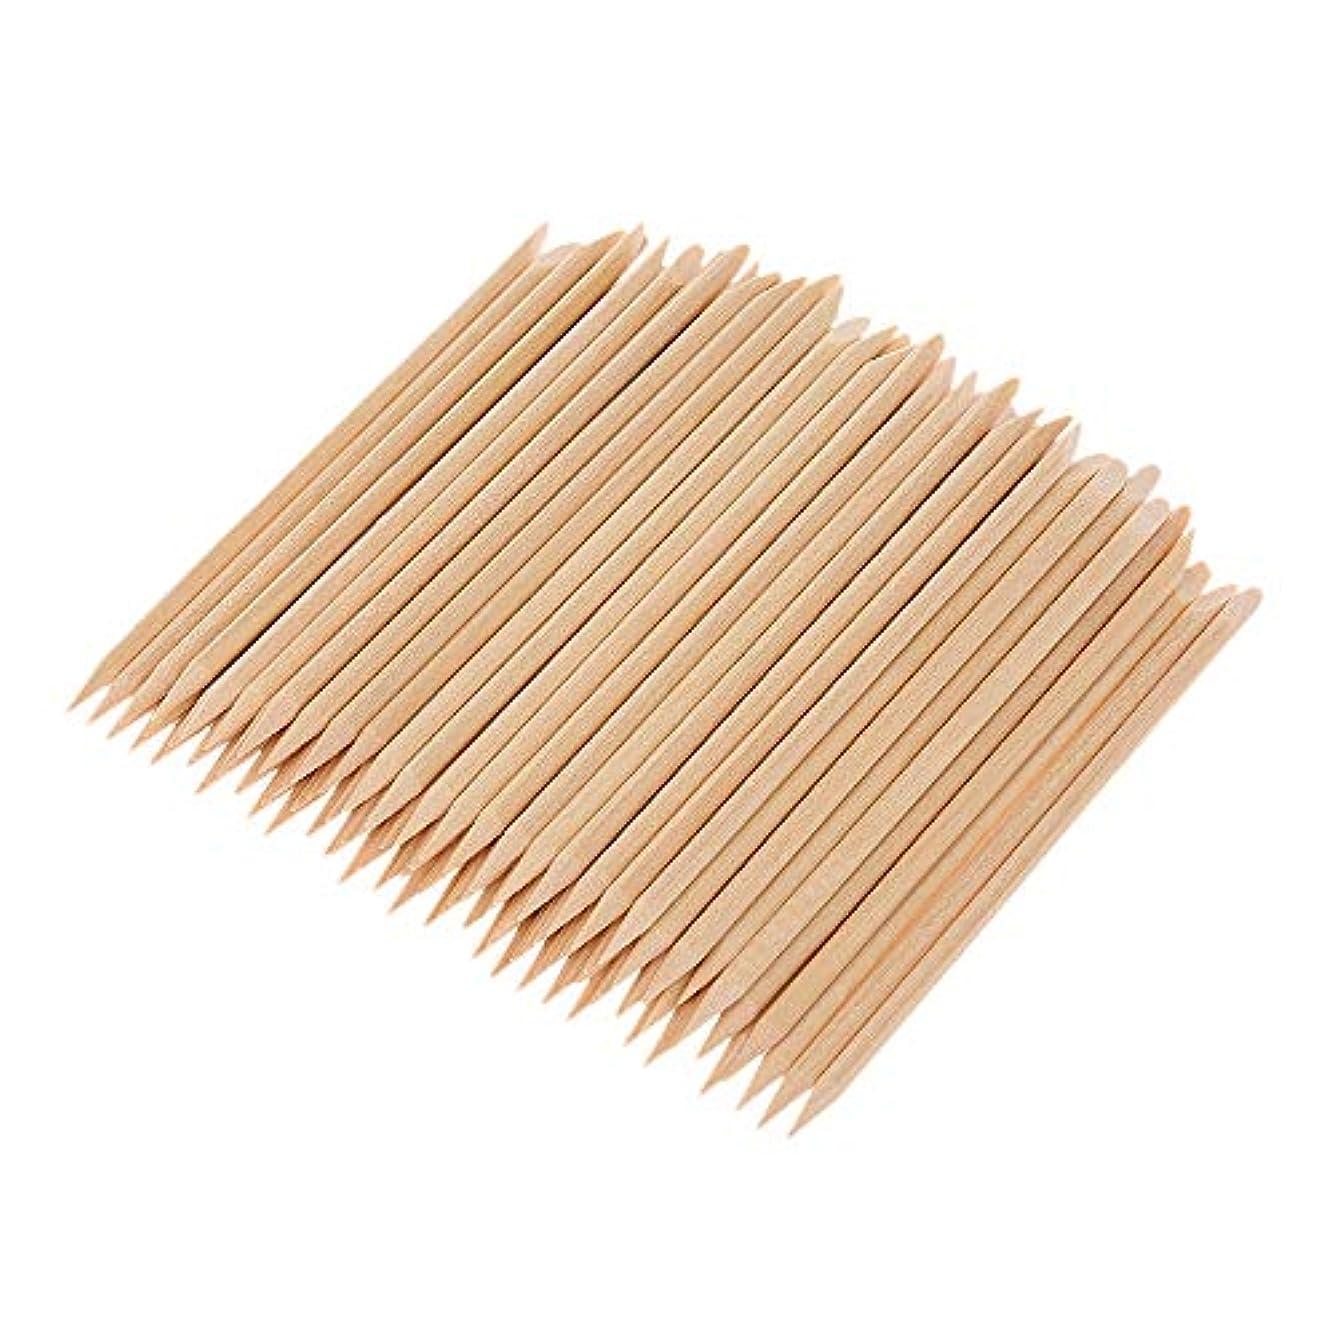 始める非武装化怒っているDecdeal マニキュアペディキュアツール 100ピース ネイルアート 木材 スティック 木製 使い捨て